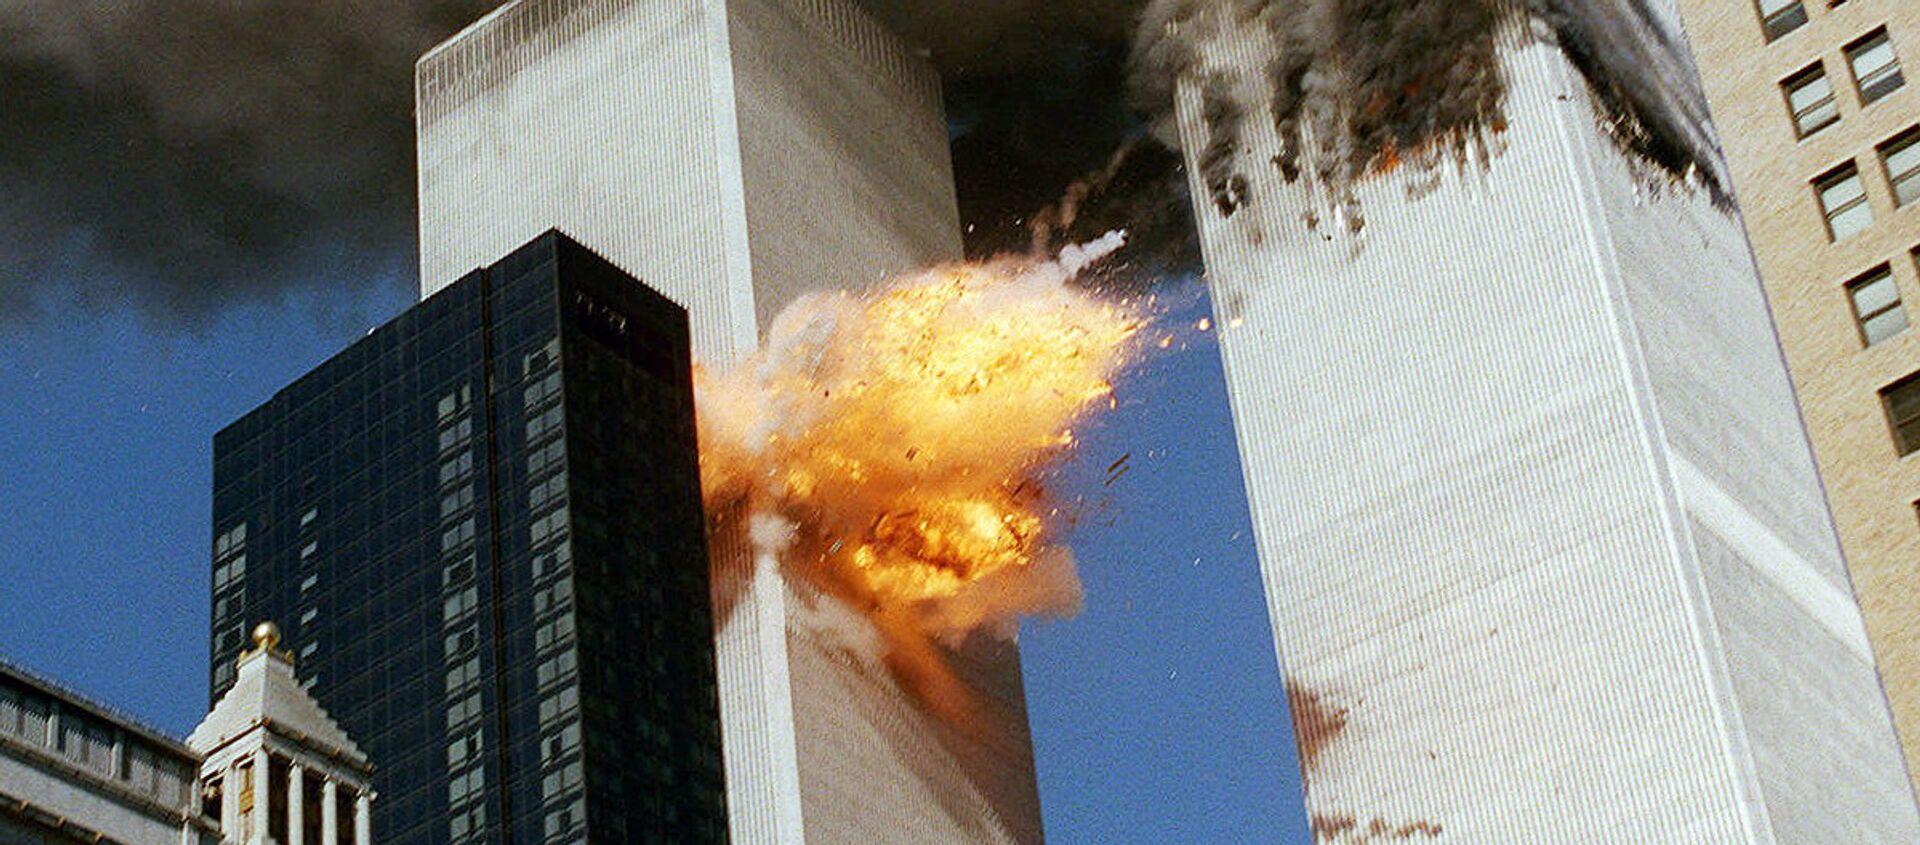 Во время теракта 11 сентября 2001 года в Нью-Йорке - Sputnik Узбекистан, 1920, 09.02.2017